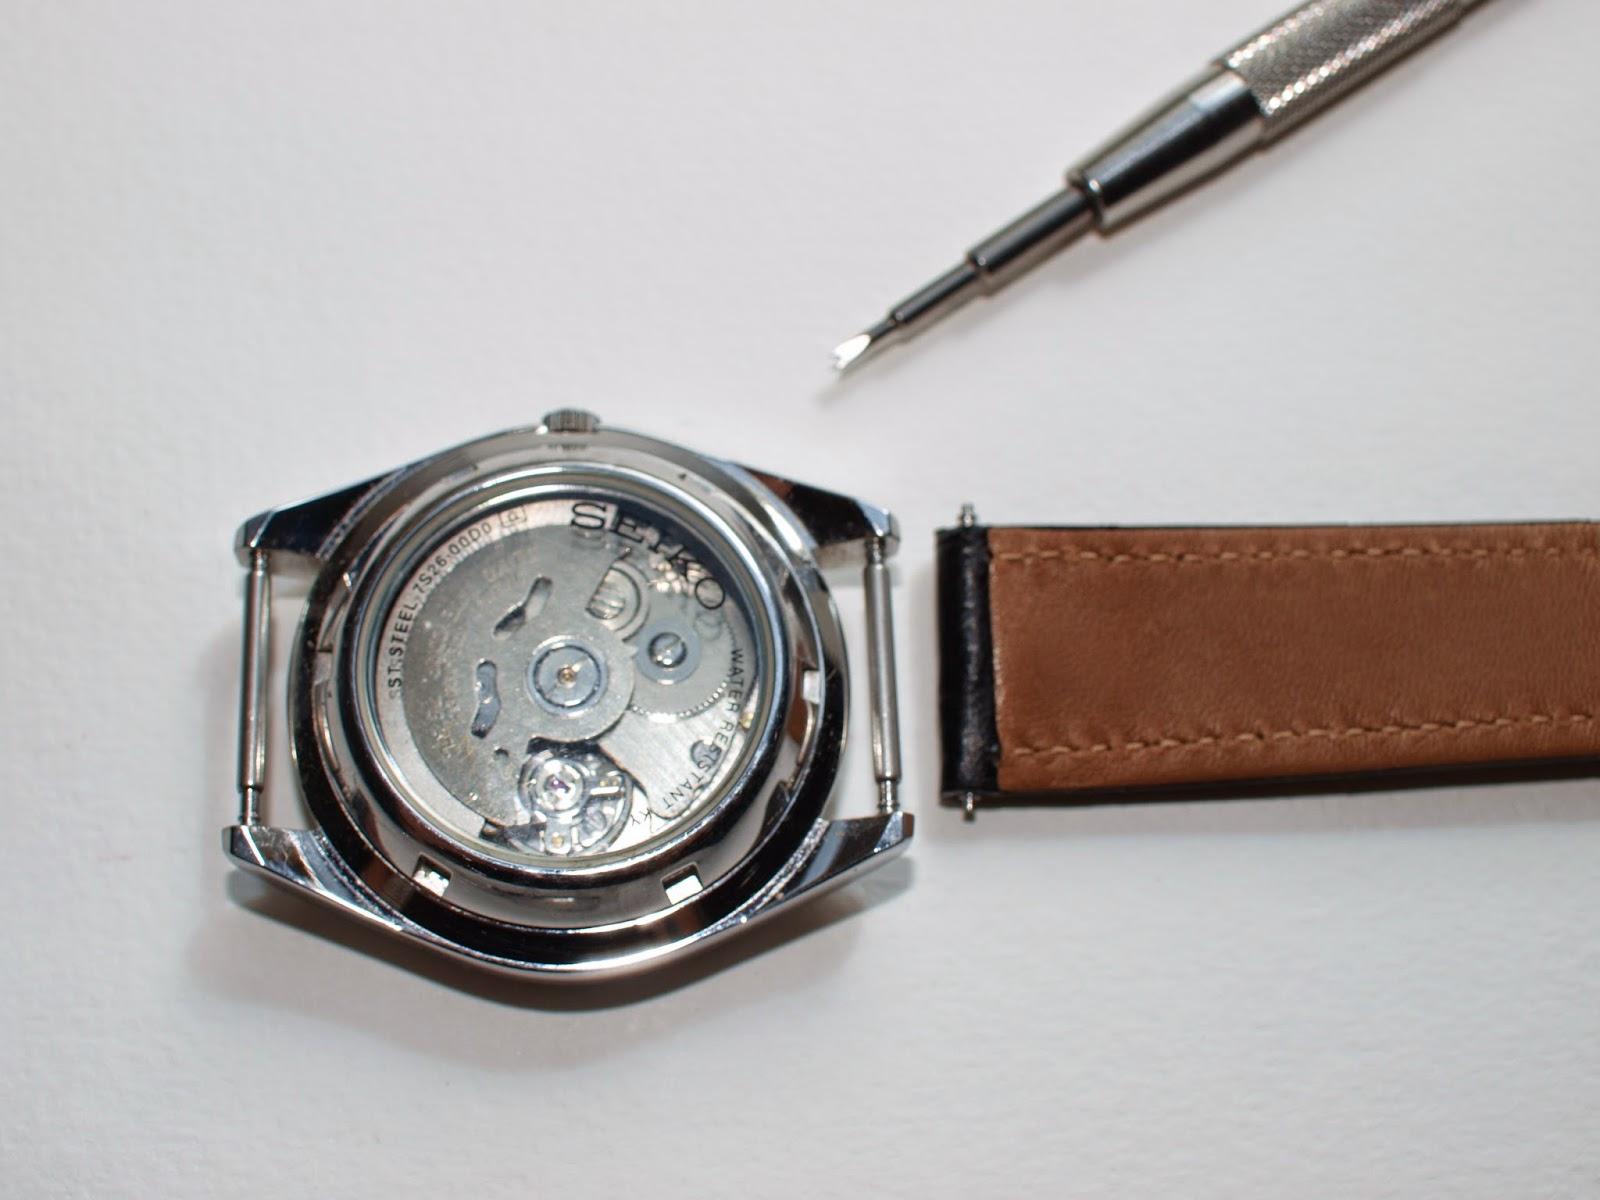 721e2586b9f56 Comment attacher un bracelet montre nato